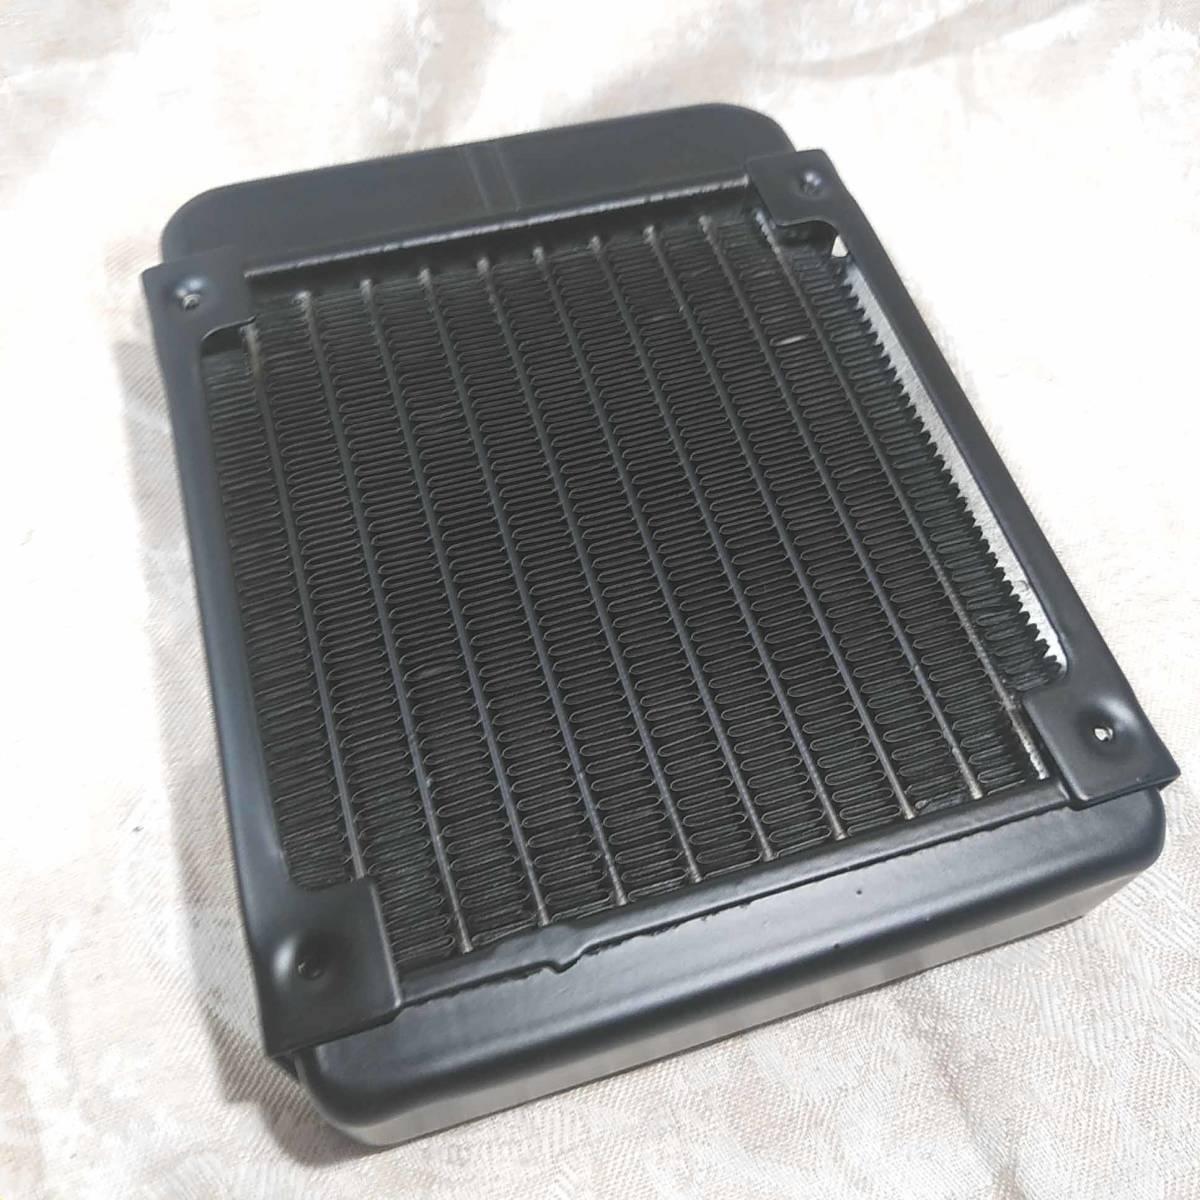 新品 水冷PC用ラジエーター 120mmヒートシンク 配管10本 _画像5